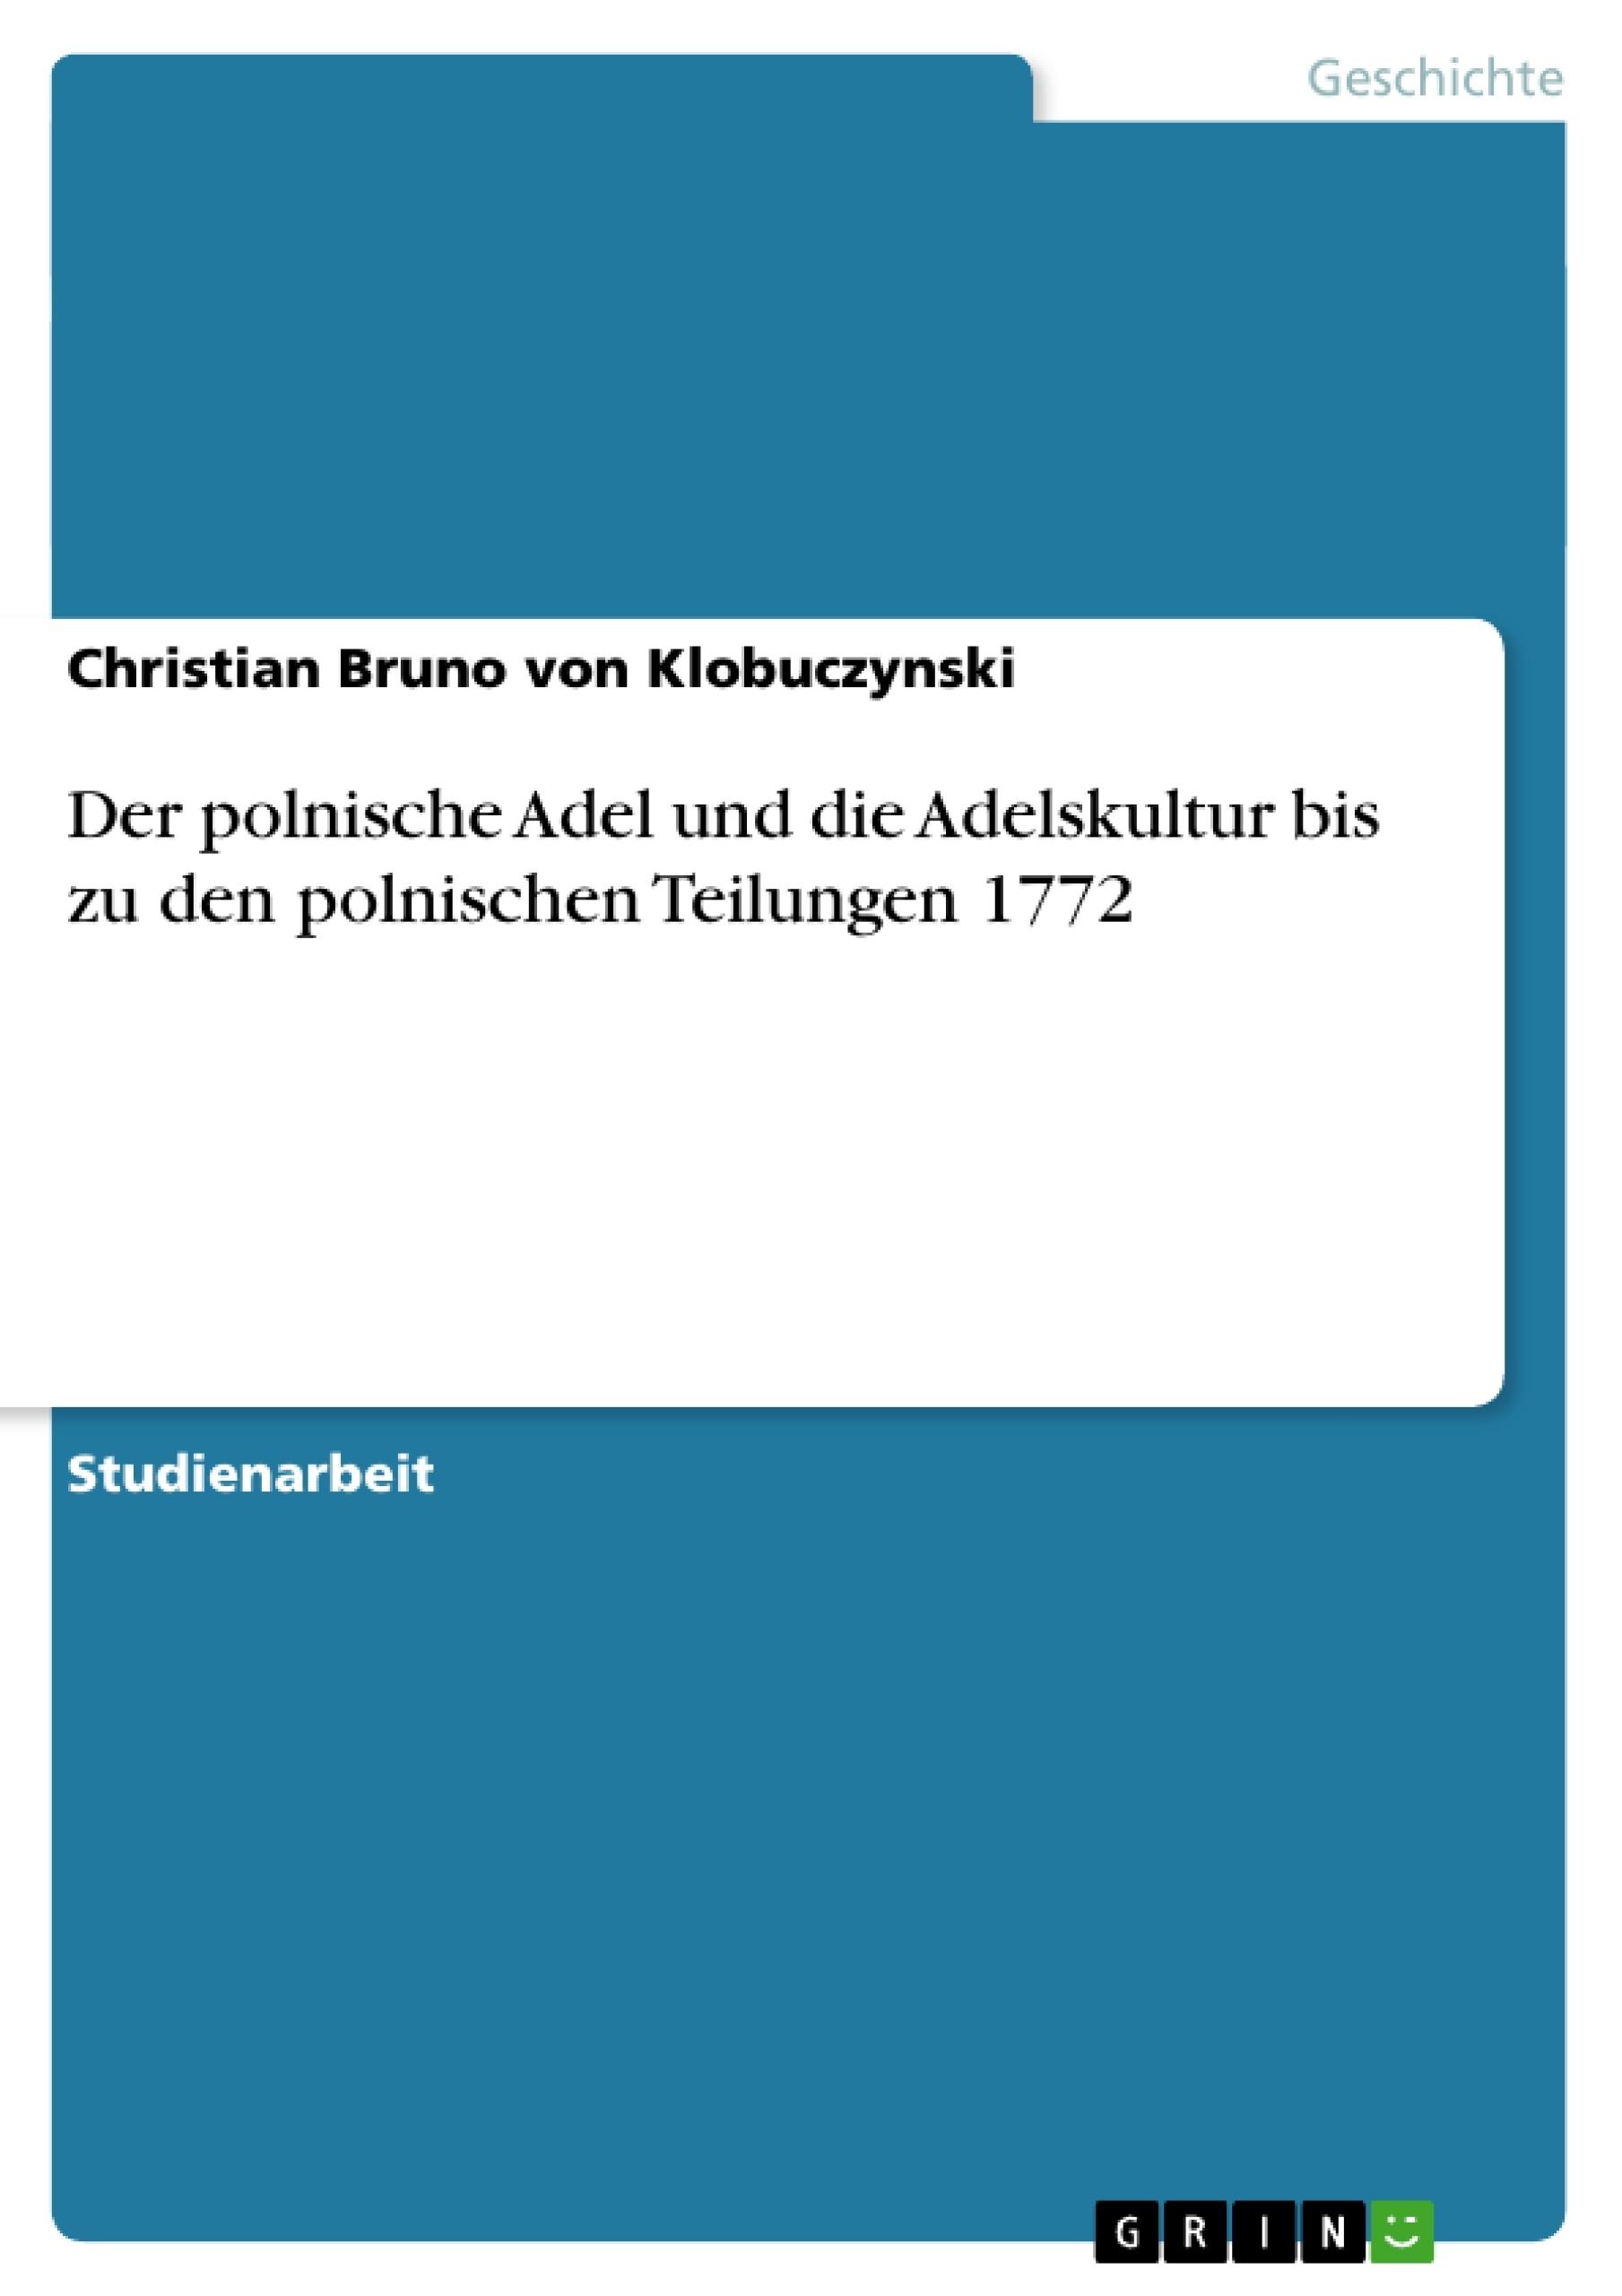 Titel: Der polnische Adel und die Adelskultur bis zu den polnischen Teilungen 1772